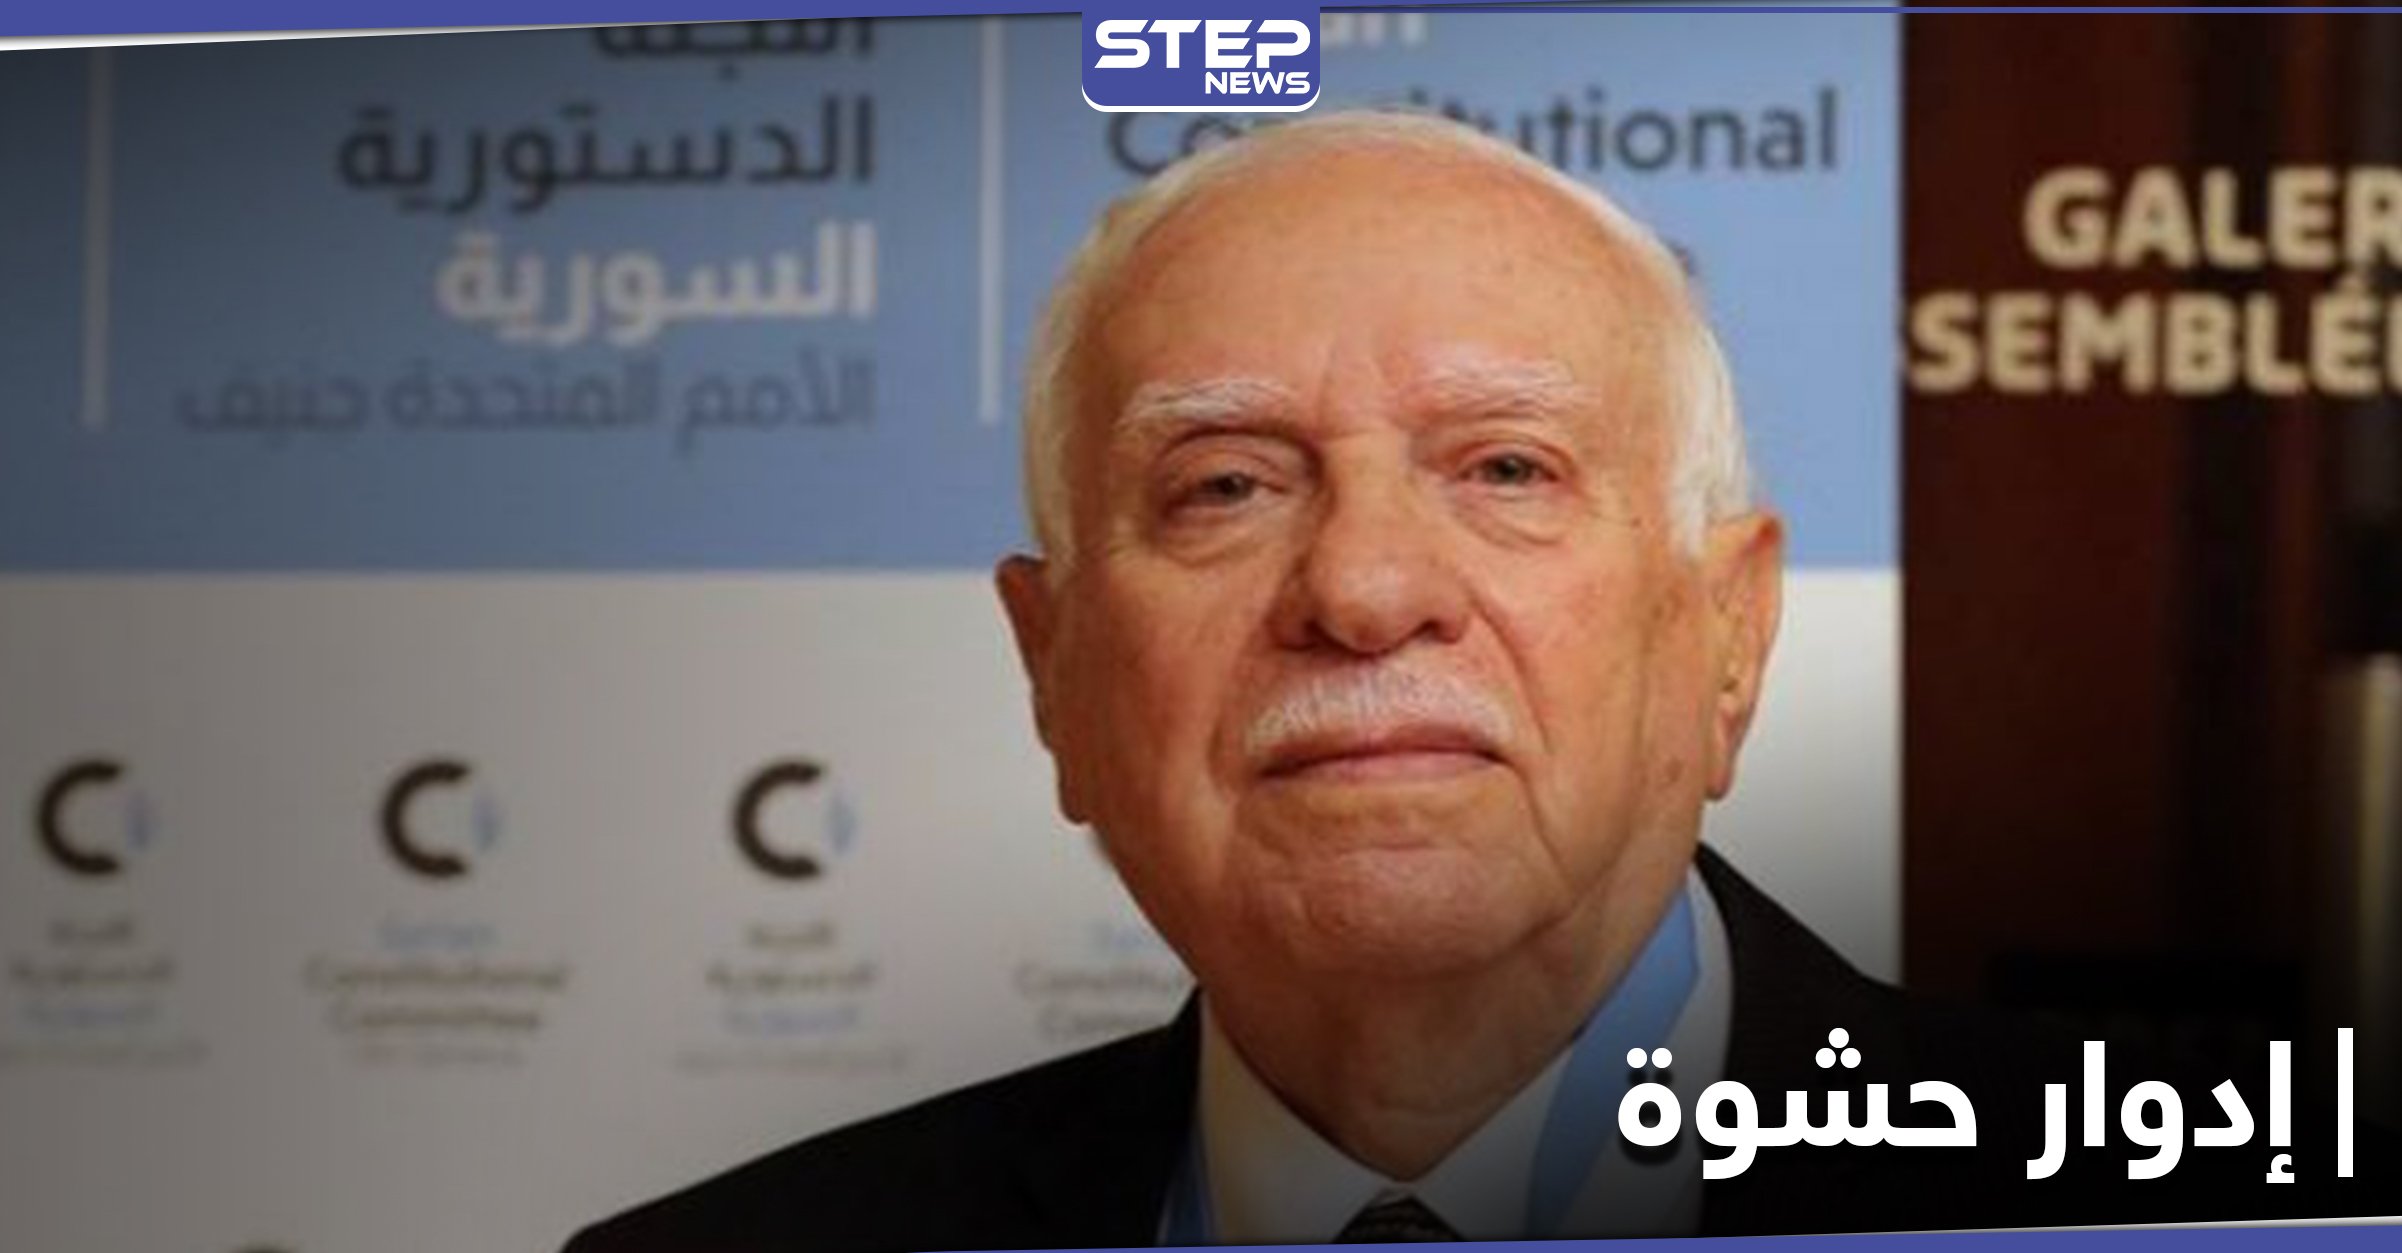 إدوار حشوة - عضو اللجنة الدستورية السورية